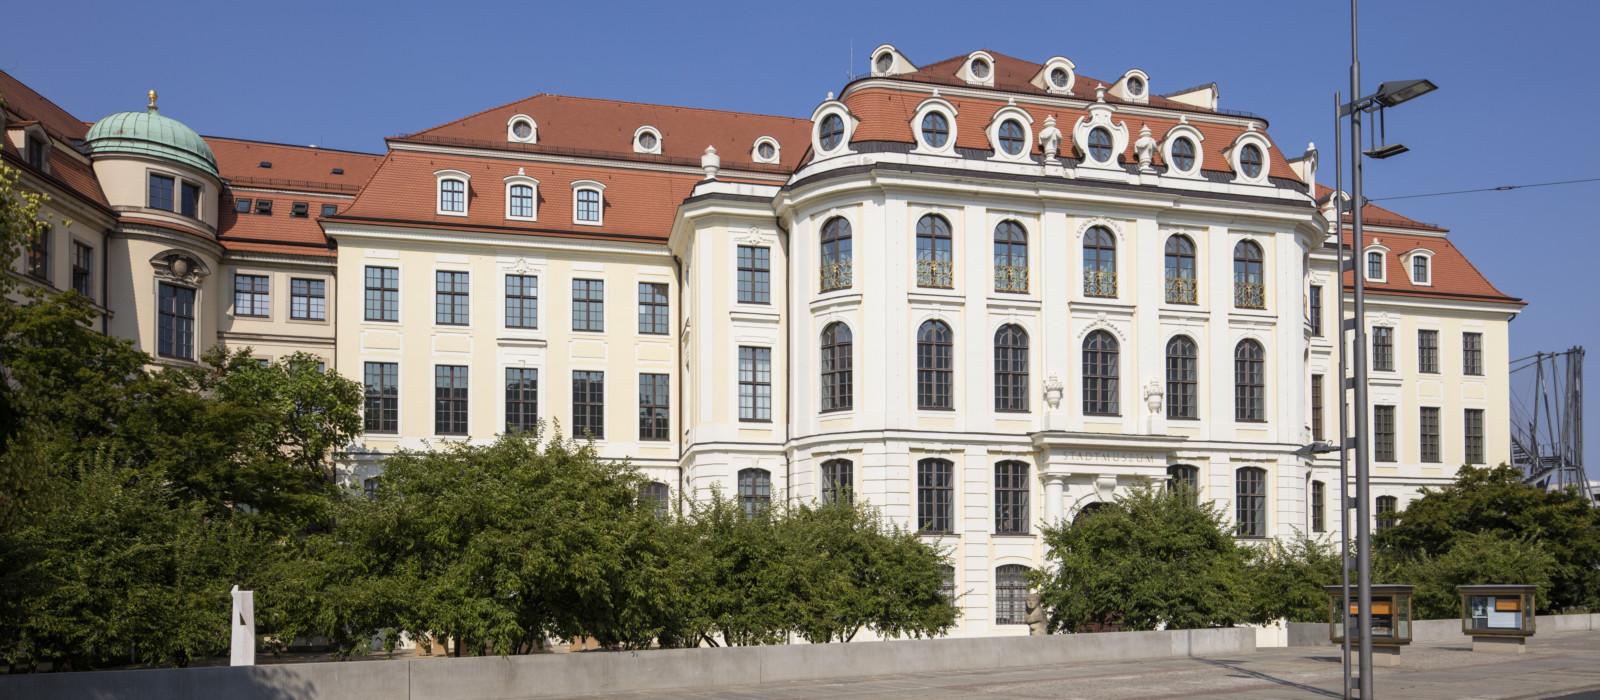 Außenansicht vom Stadtmuseum und der Städtischen Galerie Dresden